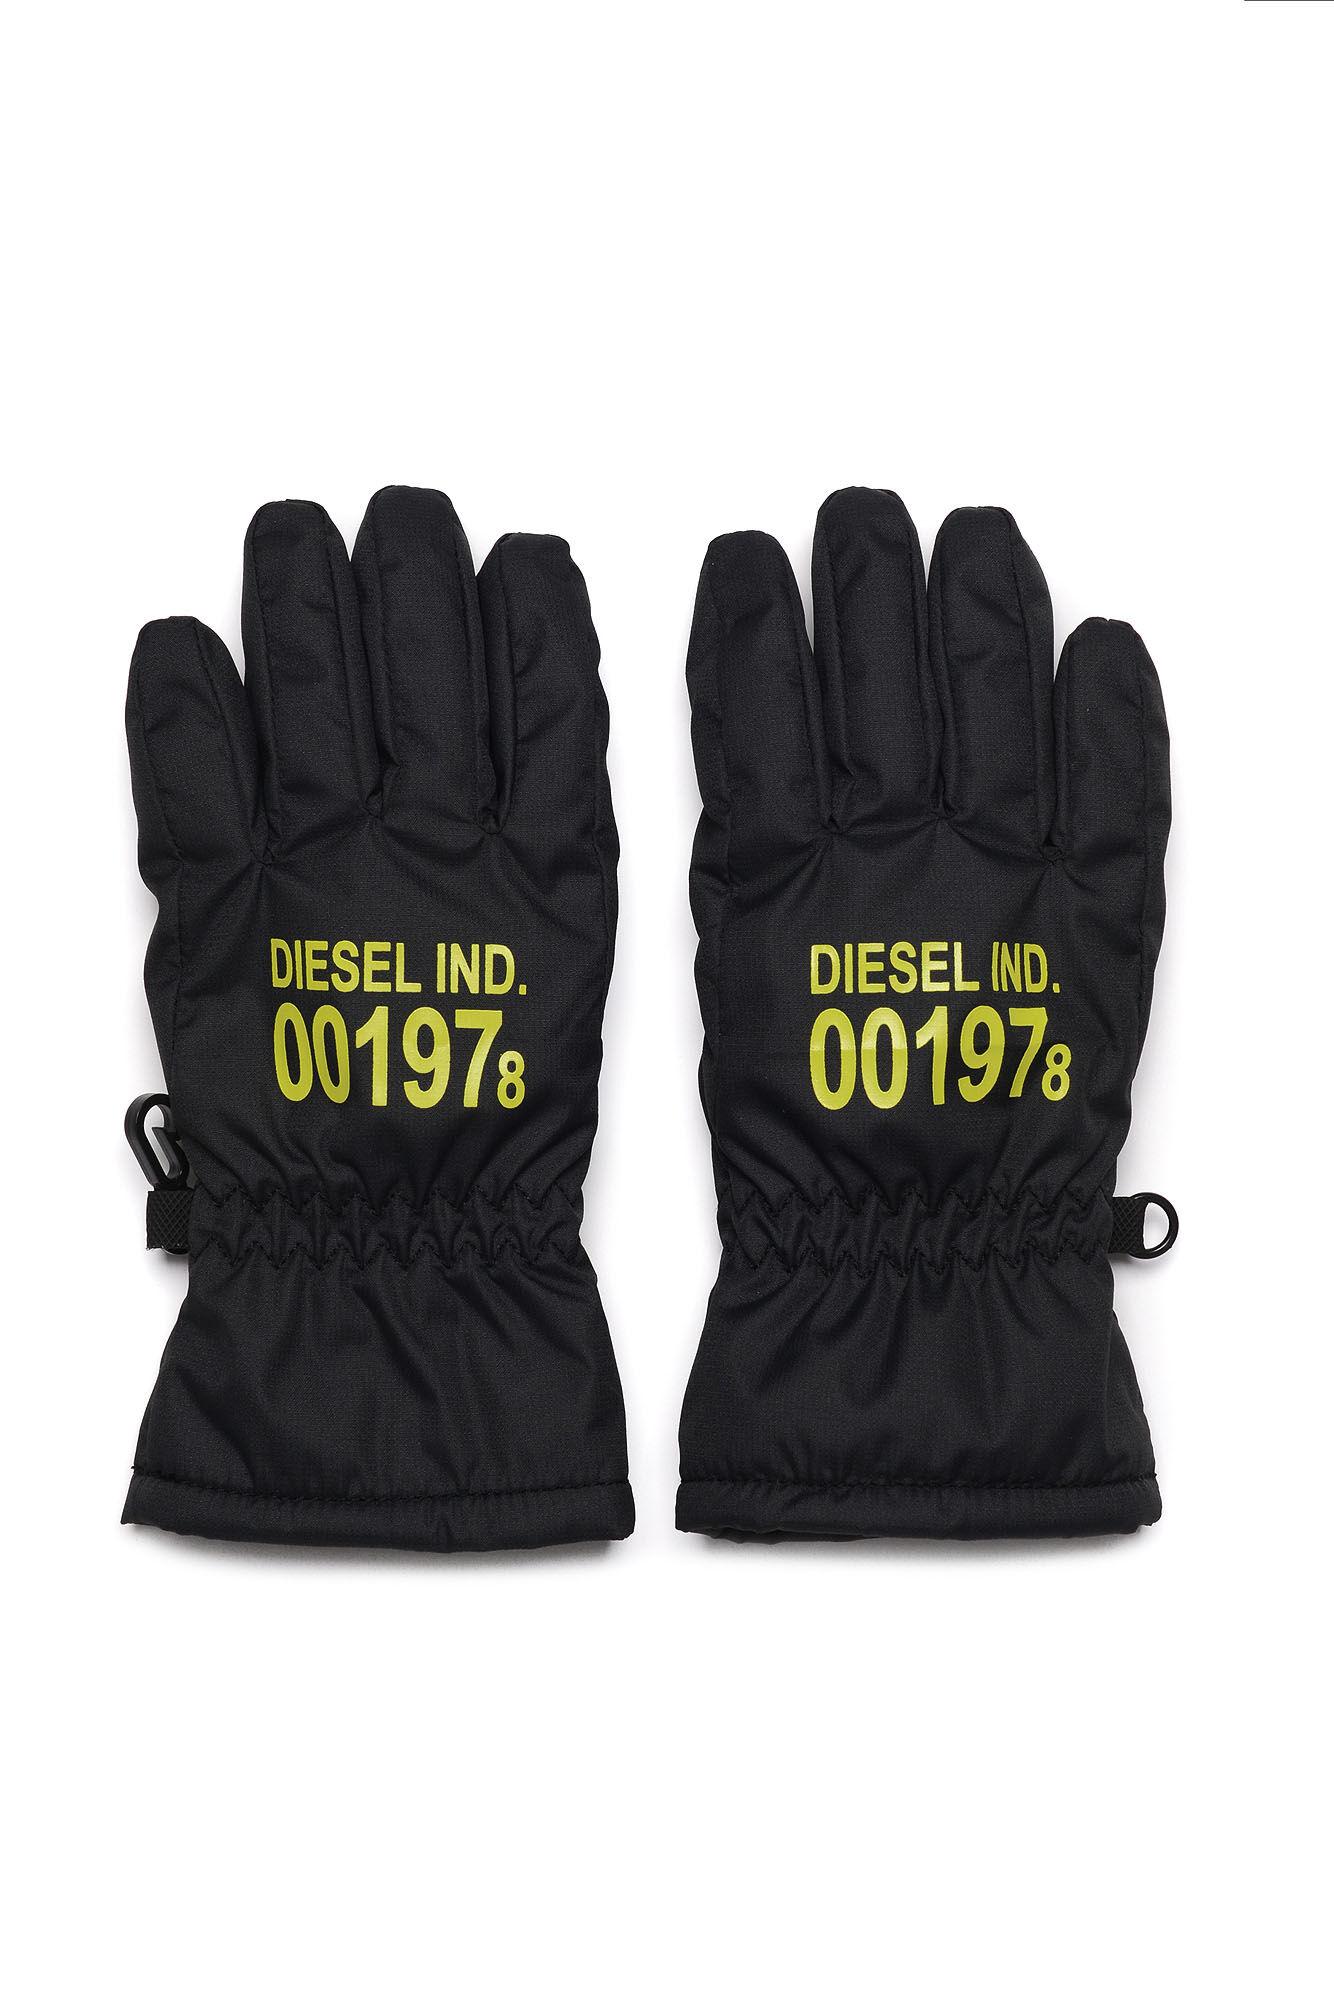 Nekki-Ski Glove - Diesel Kid